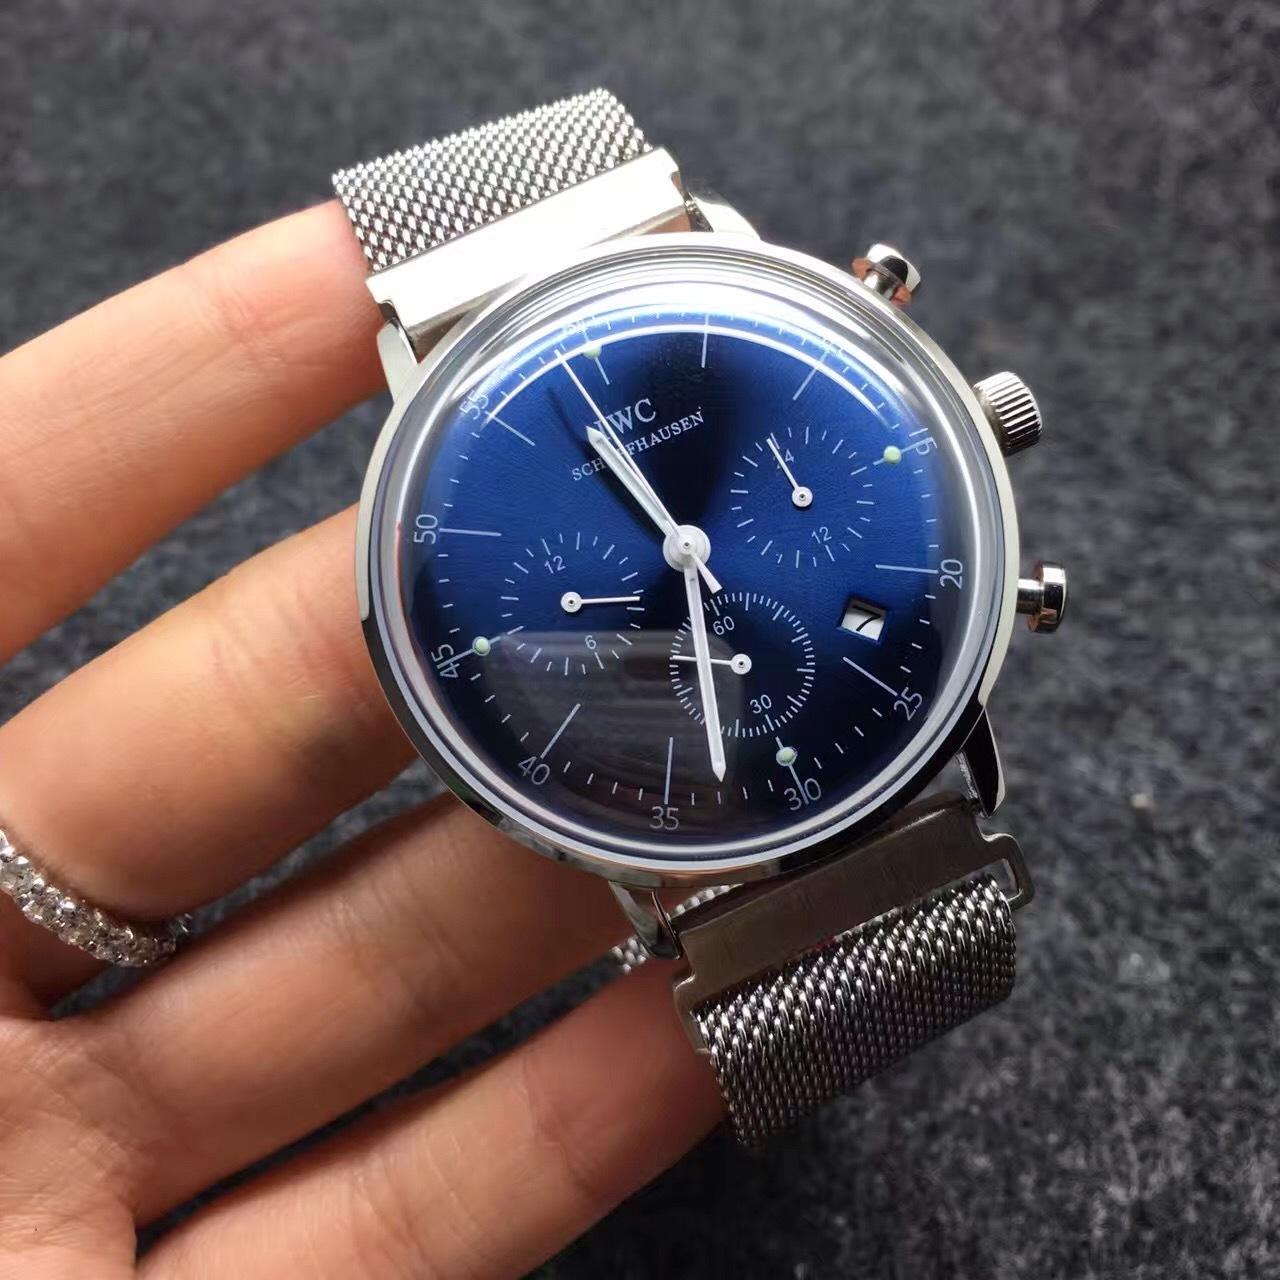 復刻iwc-萬國 多功能簡約大氣手表男士腕表圖片